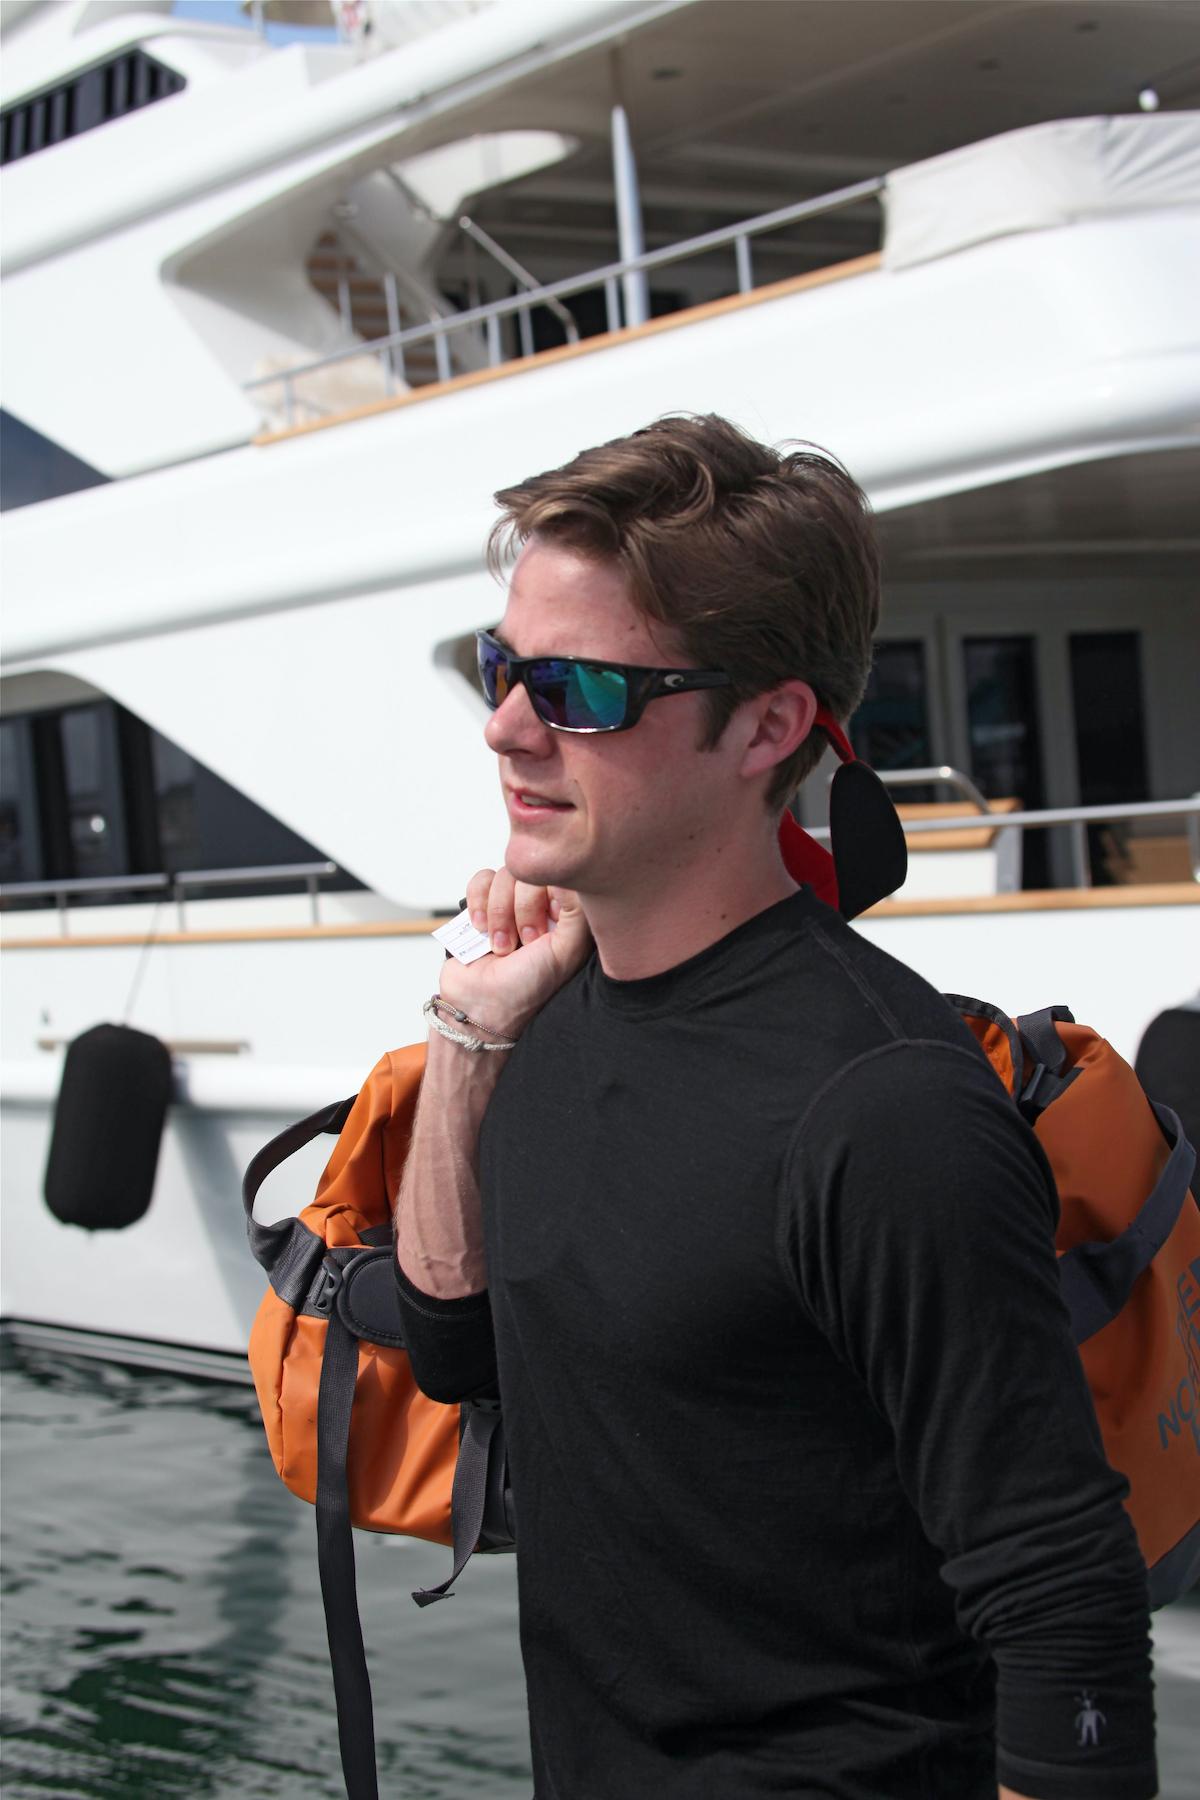 Eddie Lucas from Below Deck leaves the boat